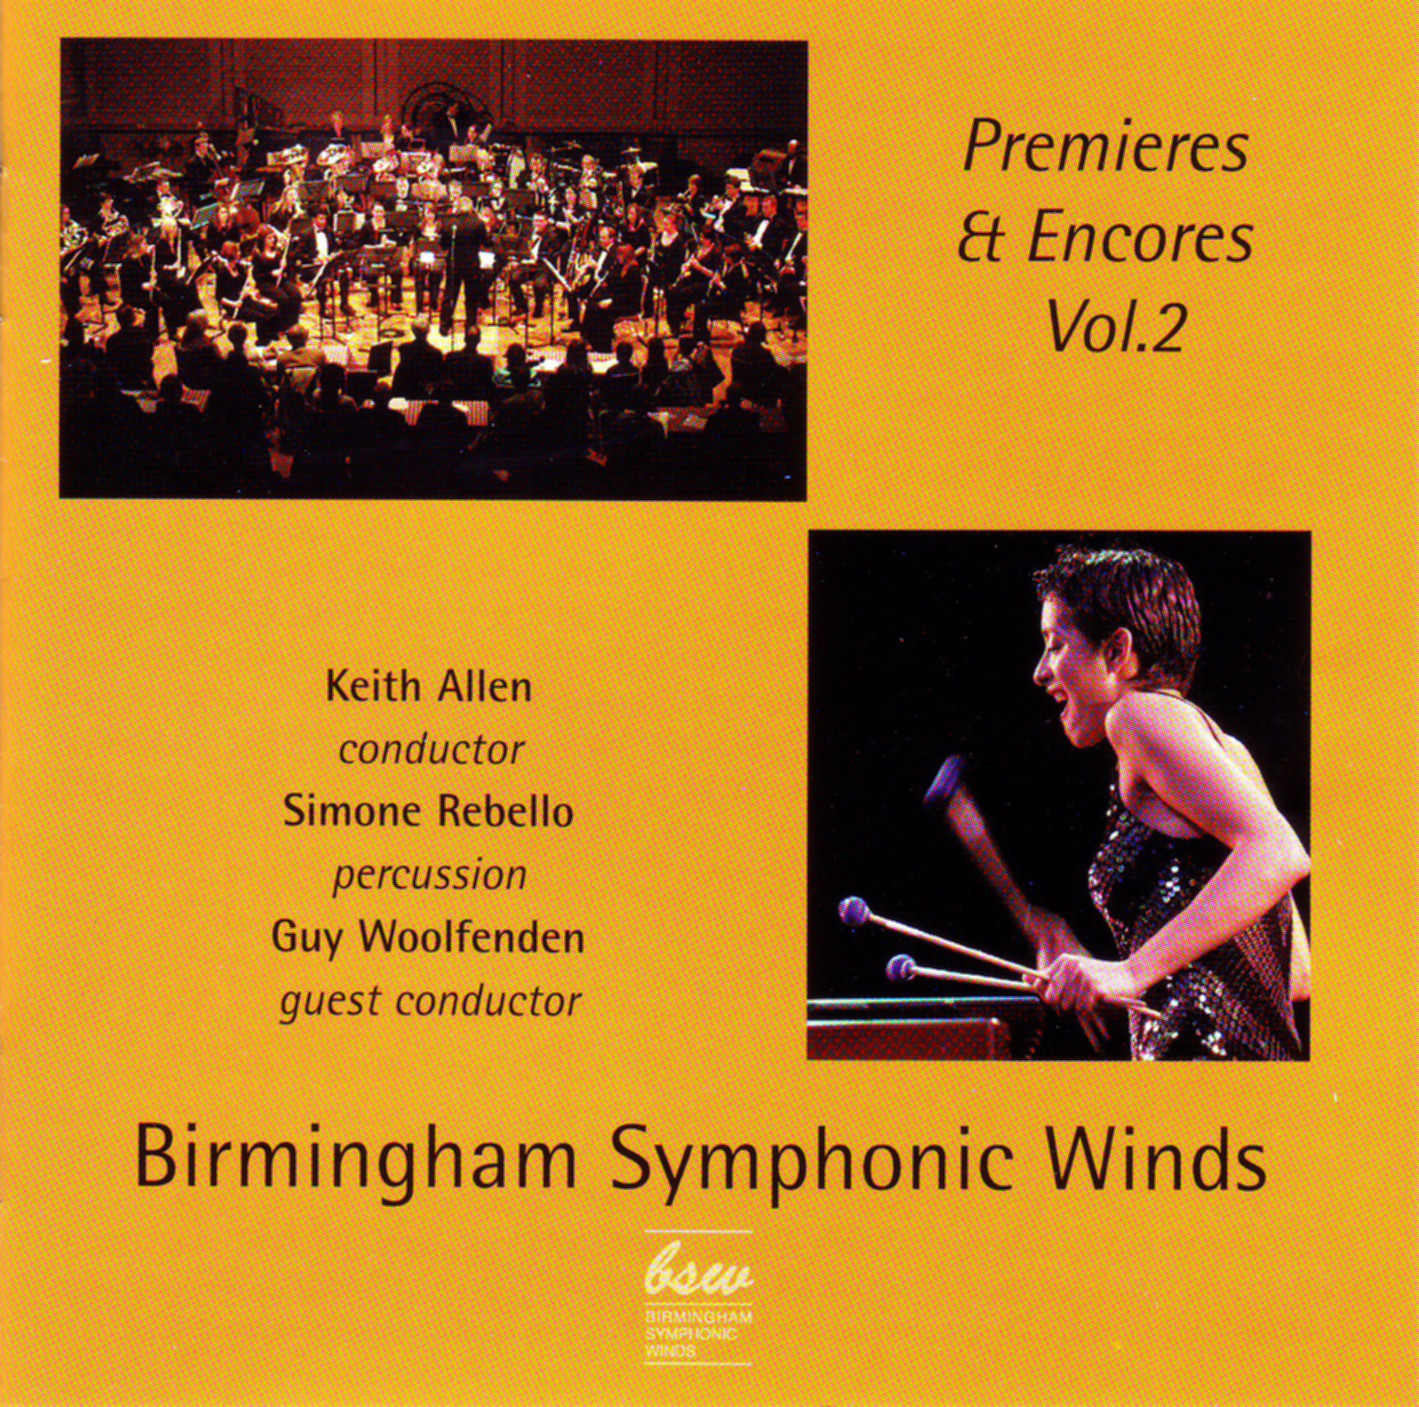 Premieres & Encores Vol. 2